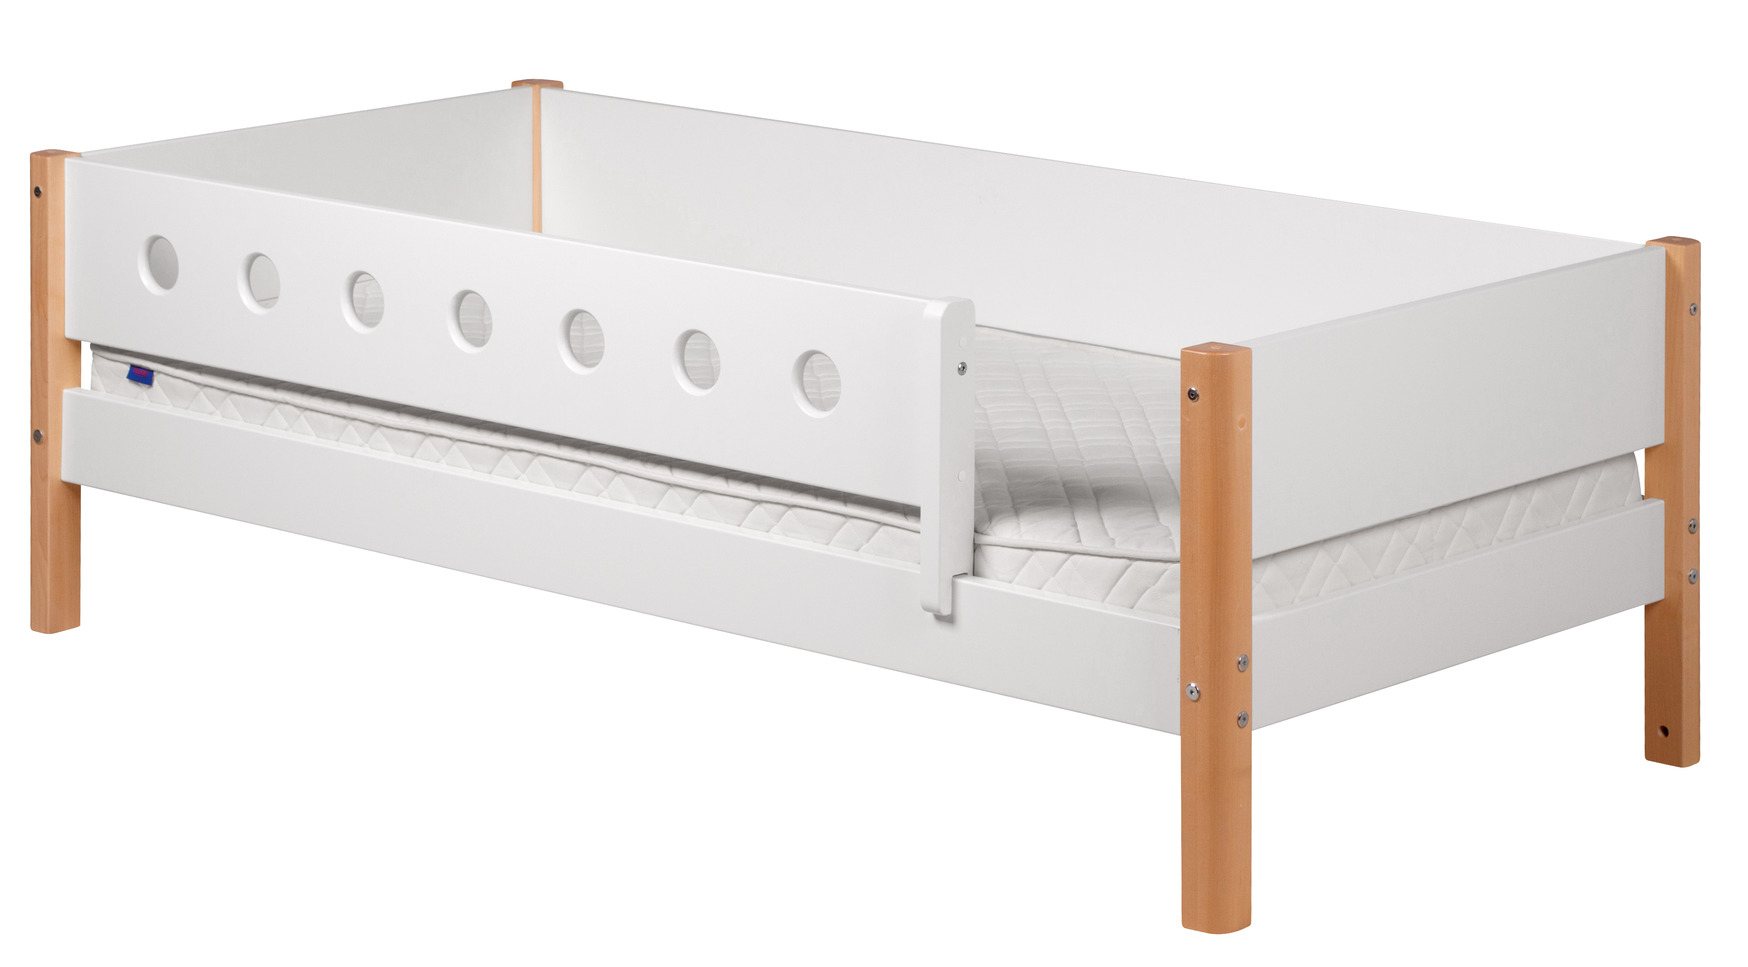 Letto con sponde cassettone per terzo letto con sponde per letto a castello il moderno letto - Sponde letto bambini prenatal ...